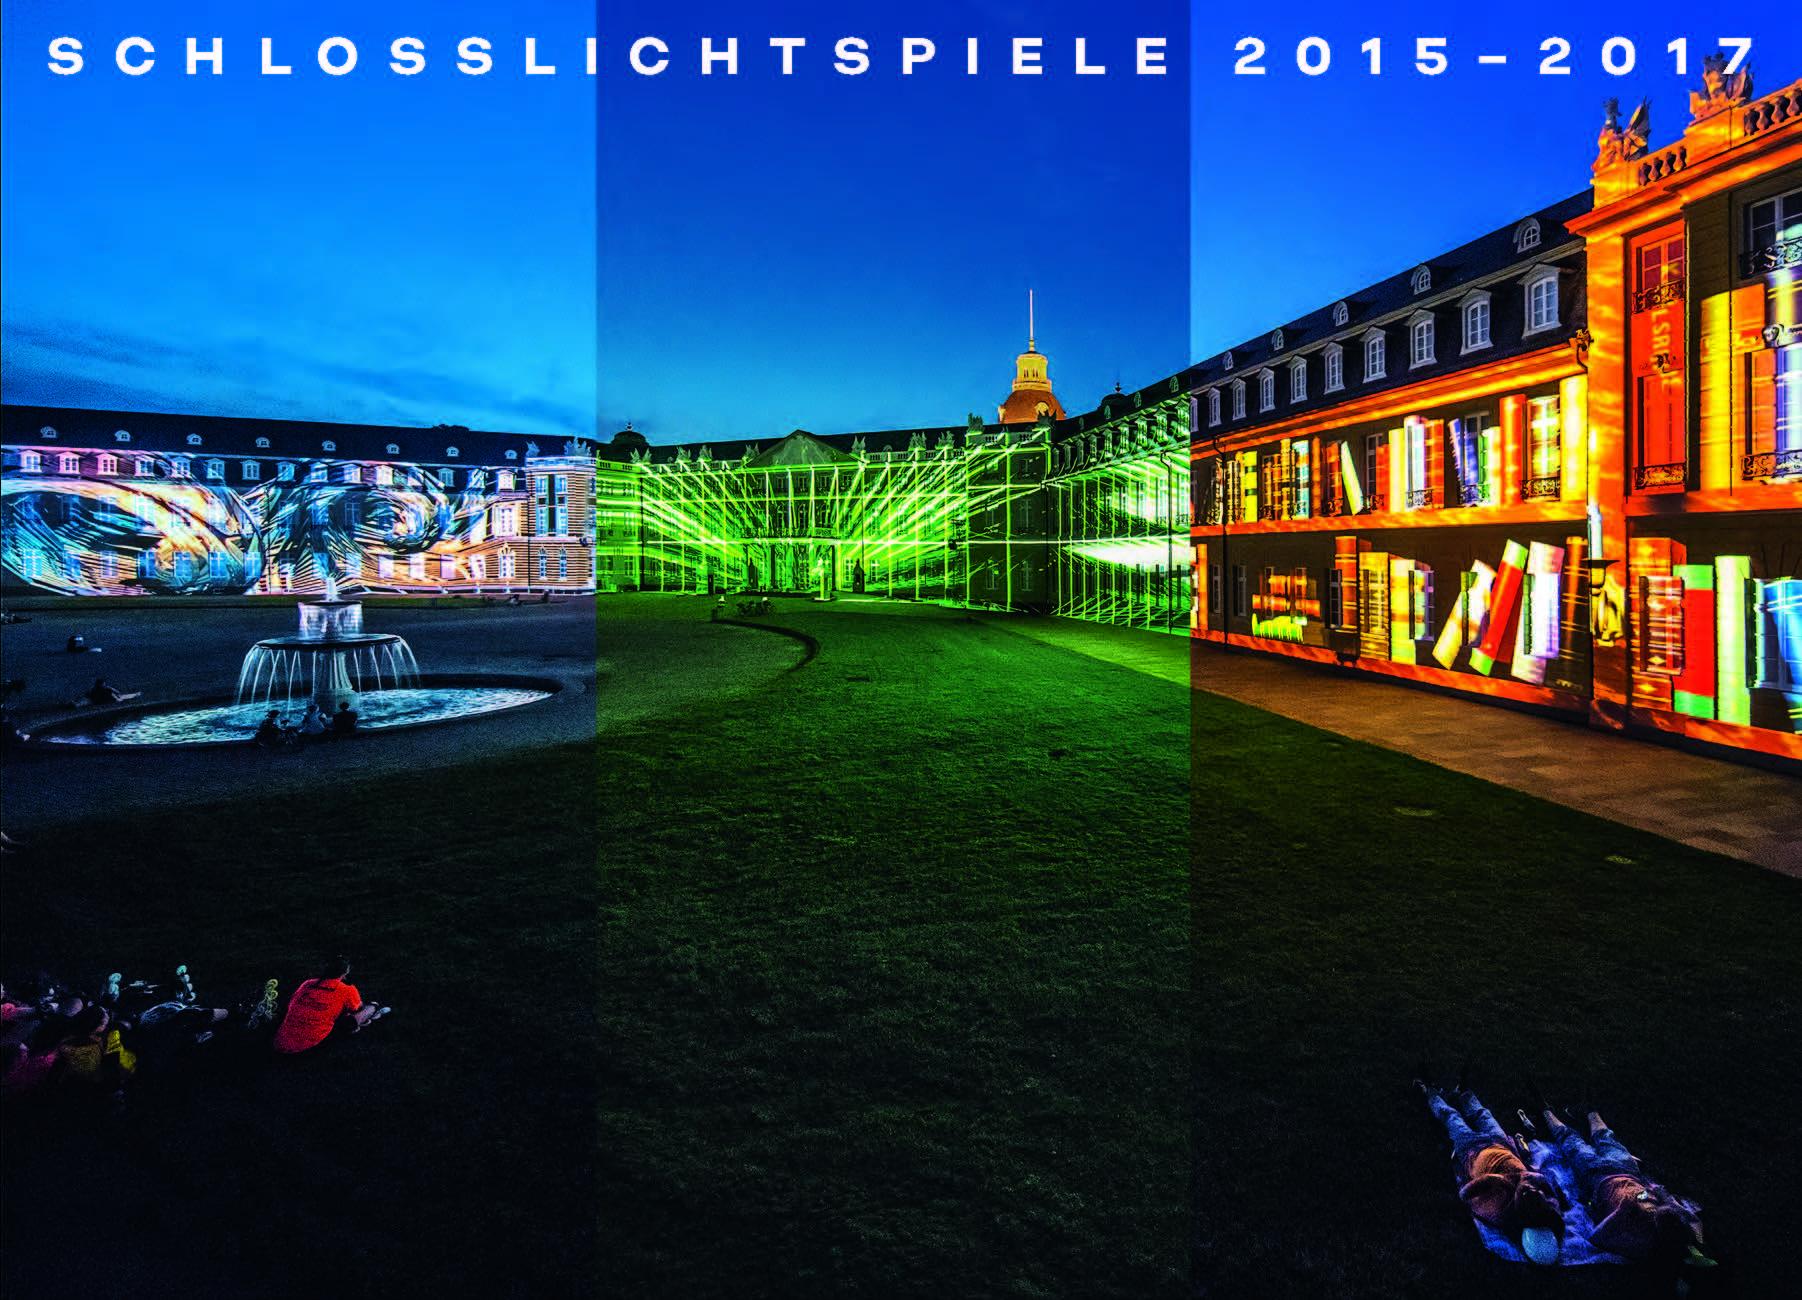 Das Karlsruher Schloss mit bunten Projektionen auf der Fassade.